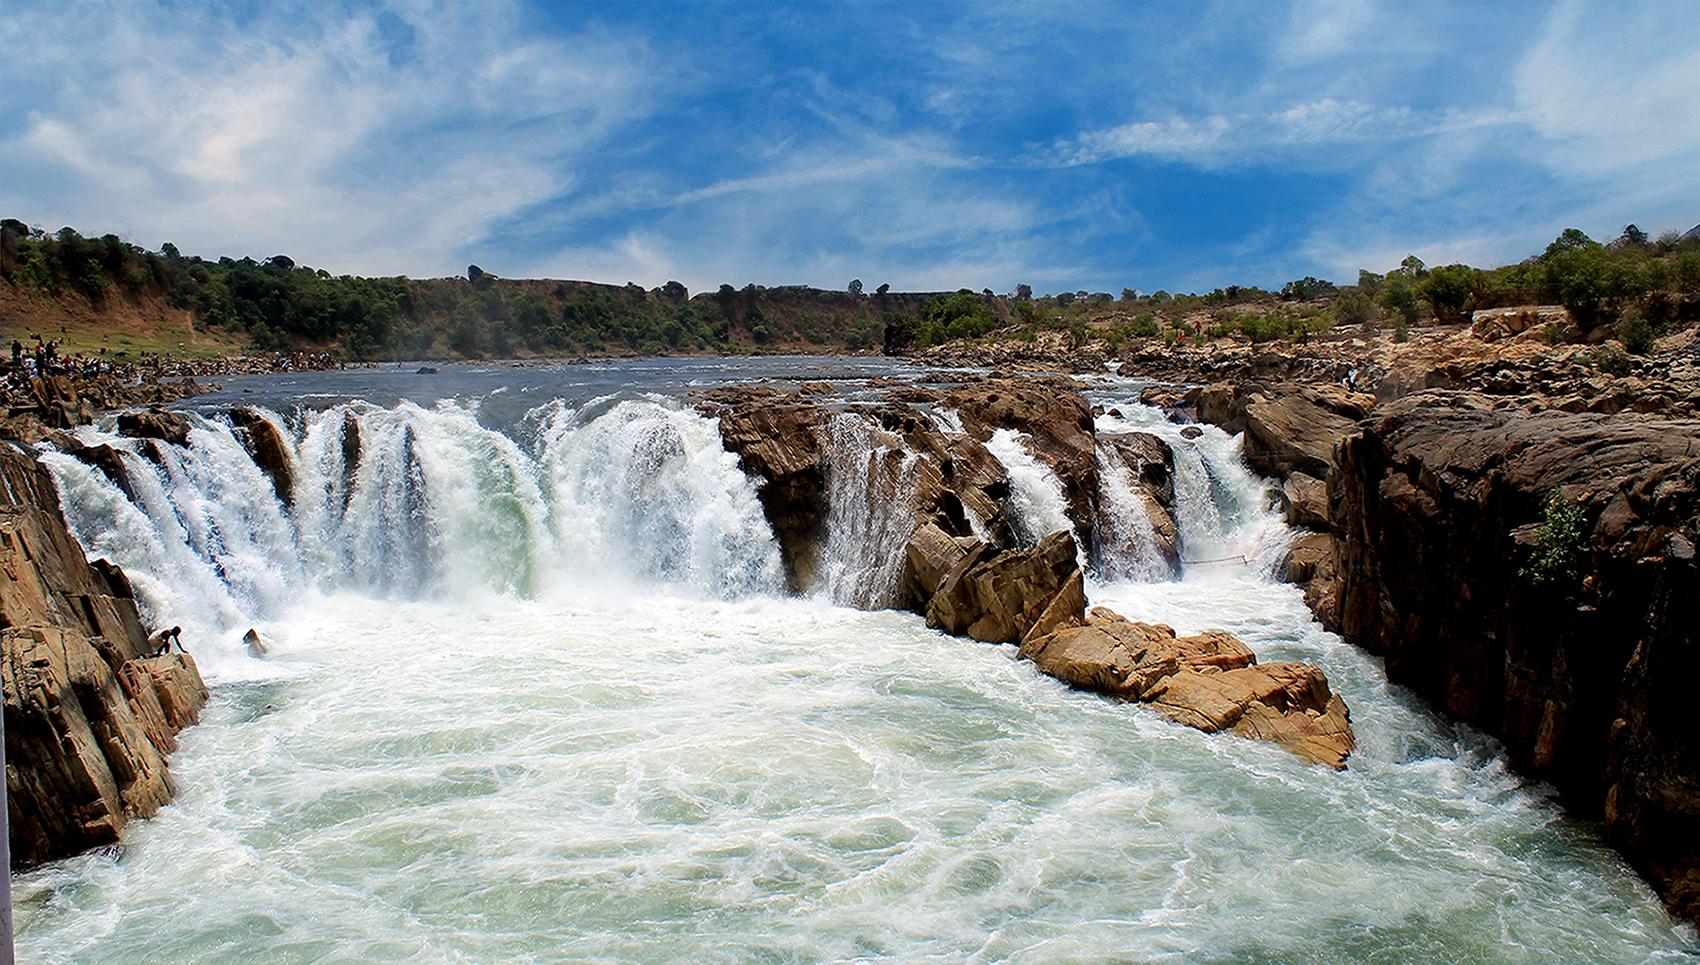 Dhuandhar Falls - Jabalpur Image